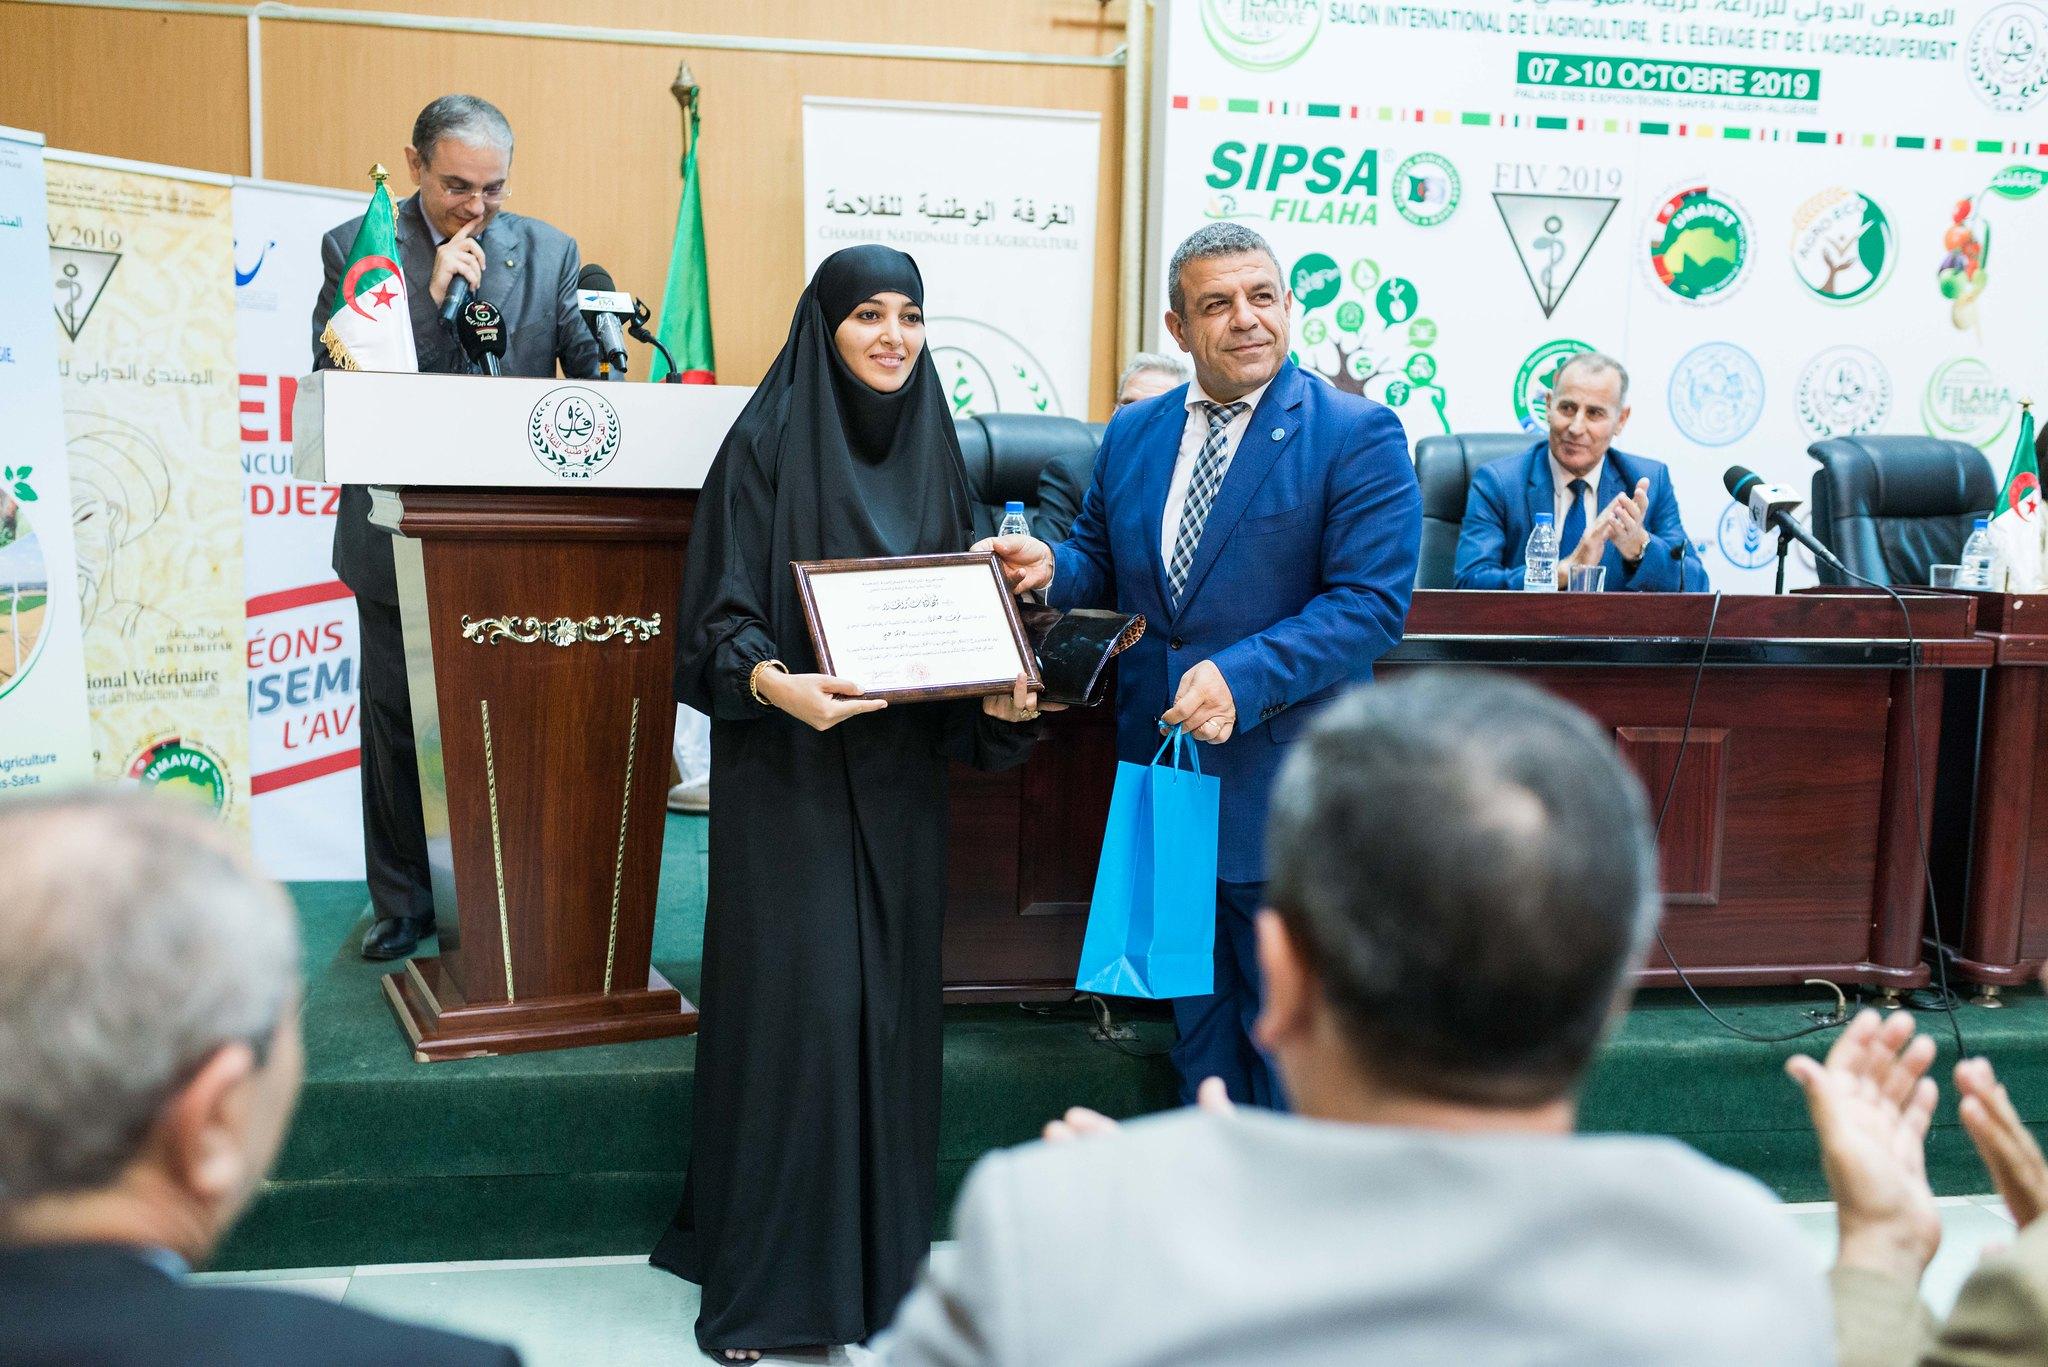 SIPSA-FILAHA 2019 - Innov'Awards & Forums